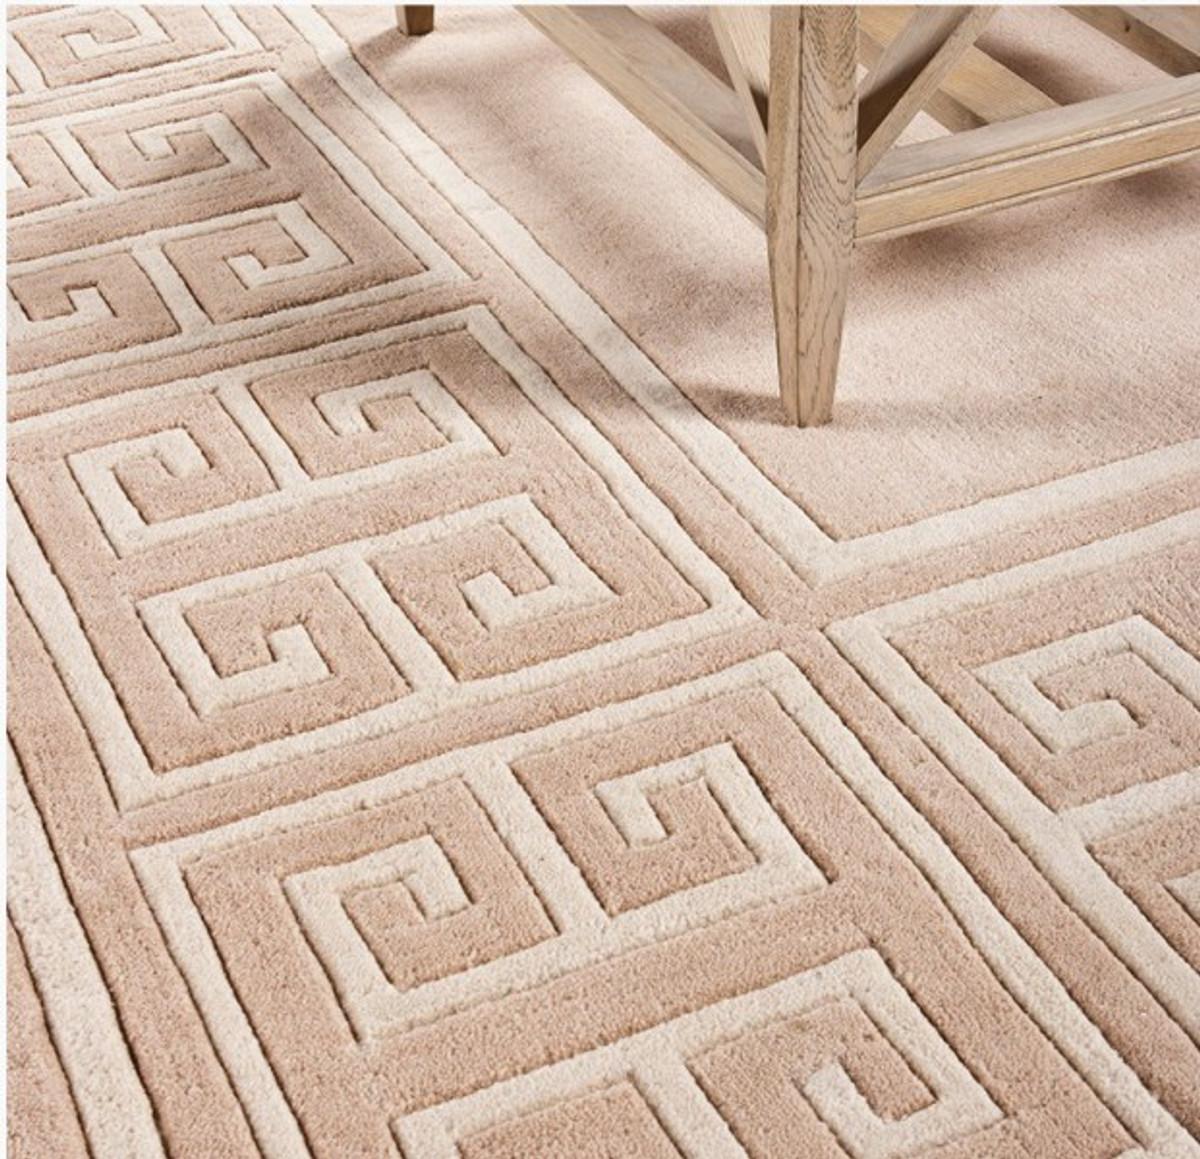 Teppich 300x400  Wunderschöner Luxus Teppich aus 100% Neuseeland-Wolle mit Mäander ...